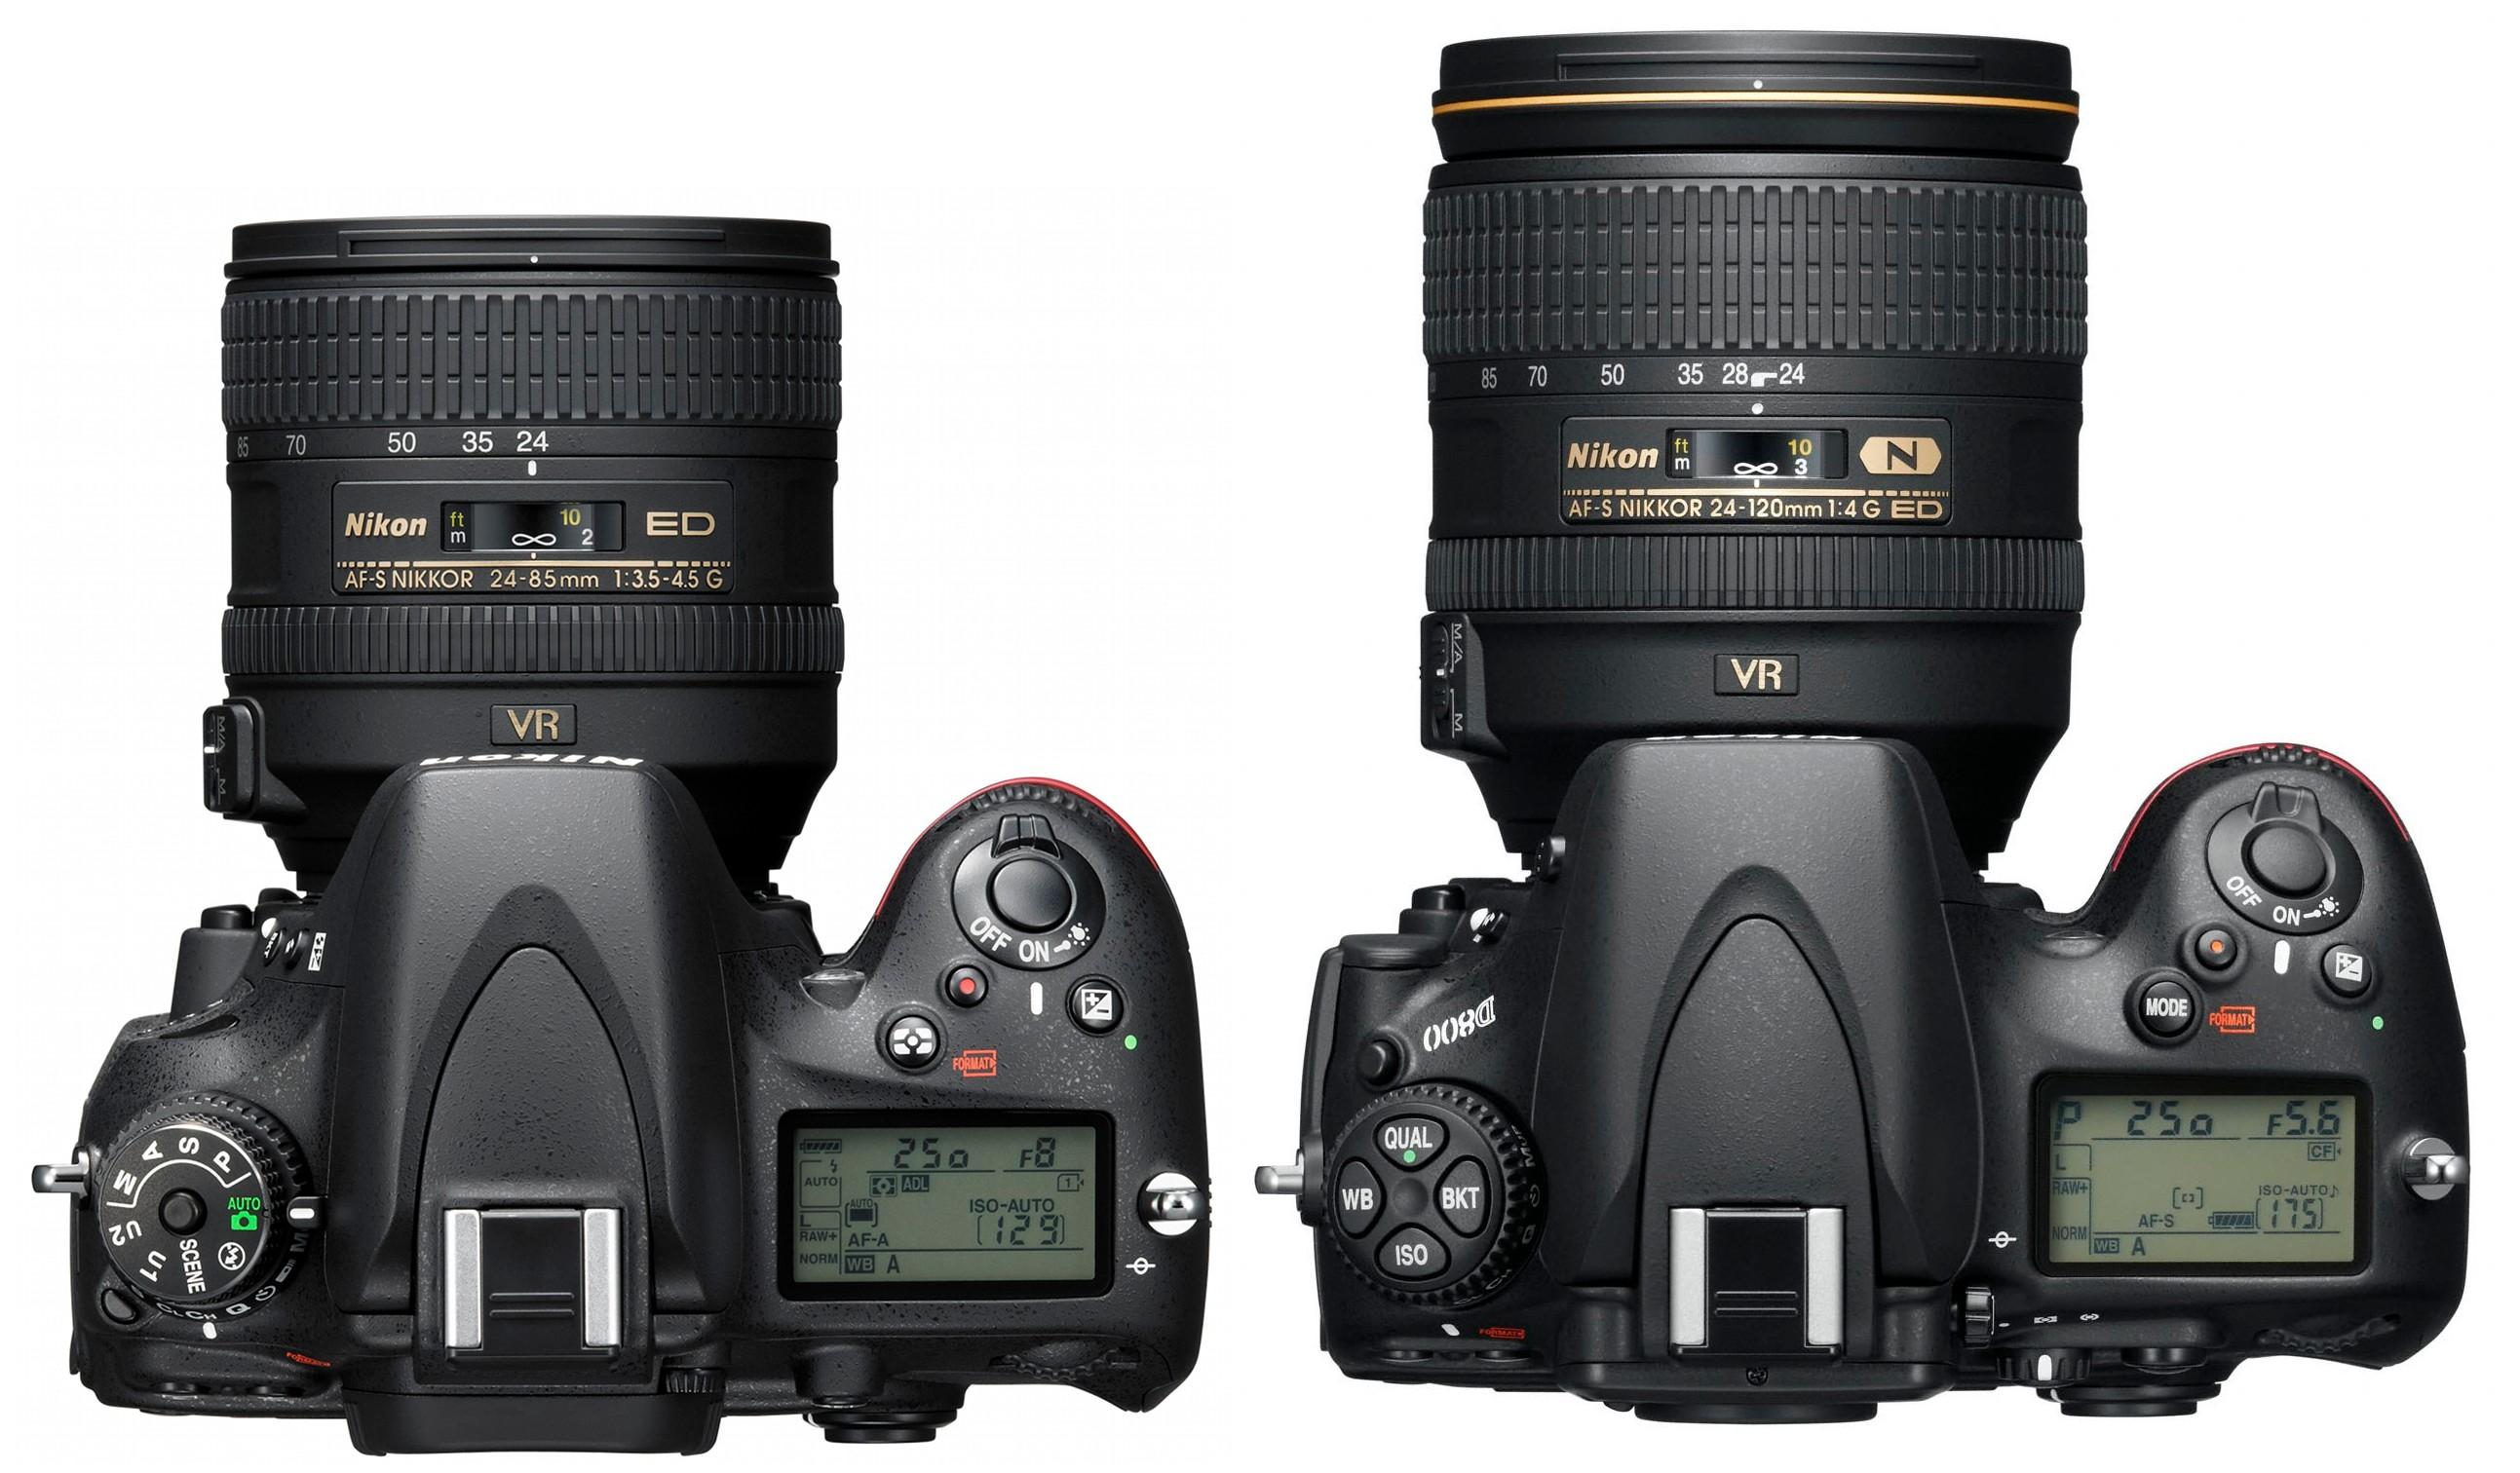 Nikon D600 ve D800 İçin Yazılım Güncellemesi Çok Yakında [D600 ve D800 Firmware]